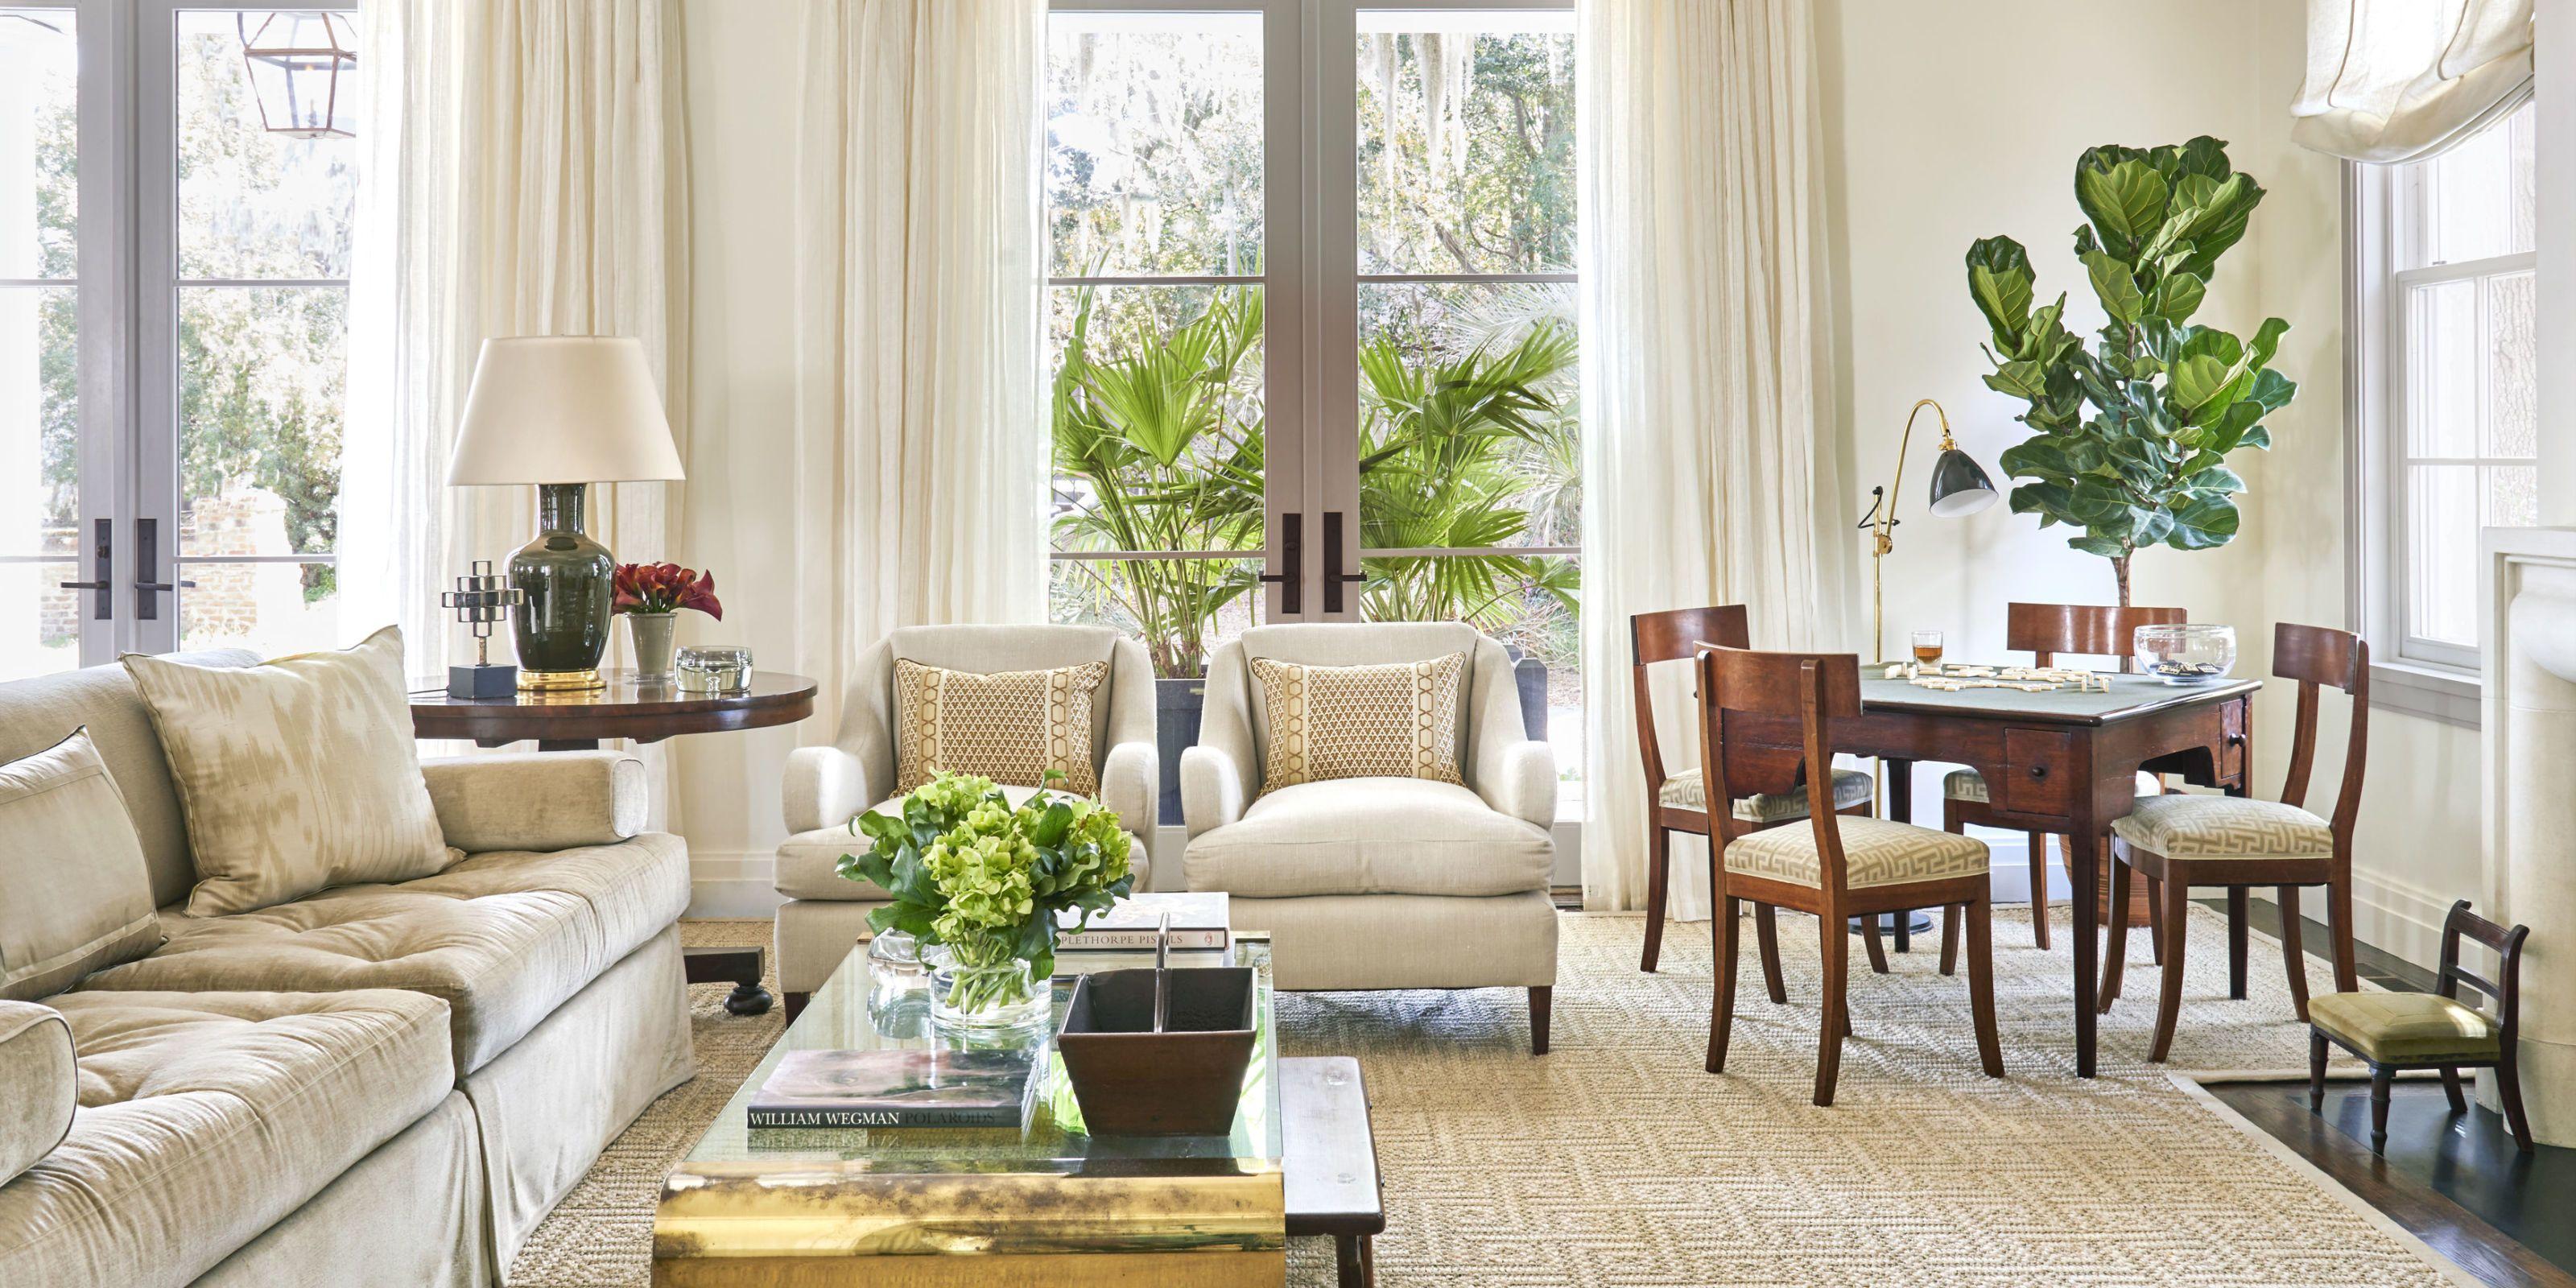 Awesome Ideas For Living Room Decor Design Ideas